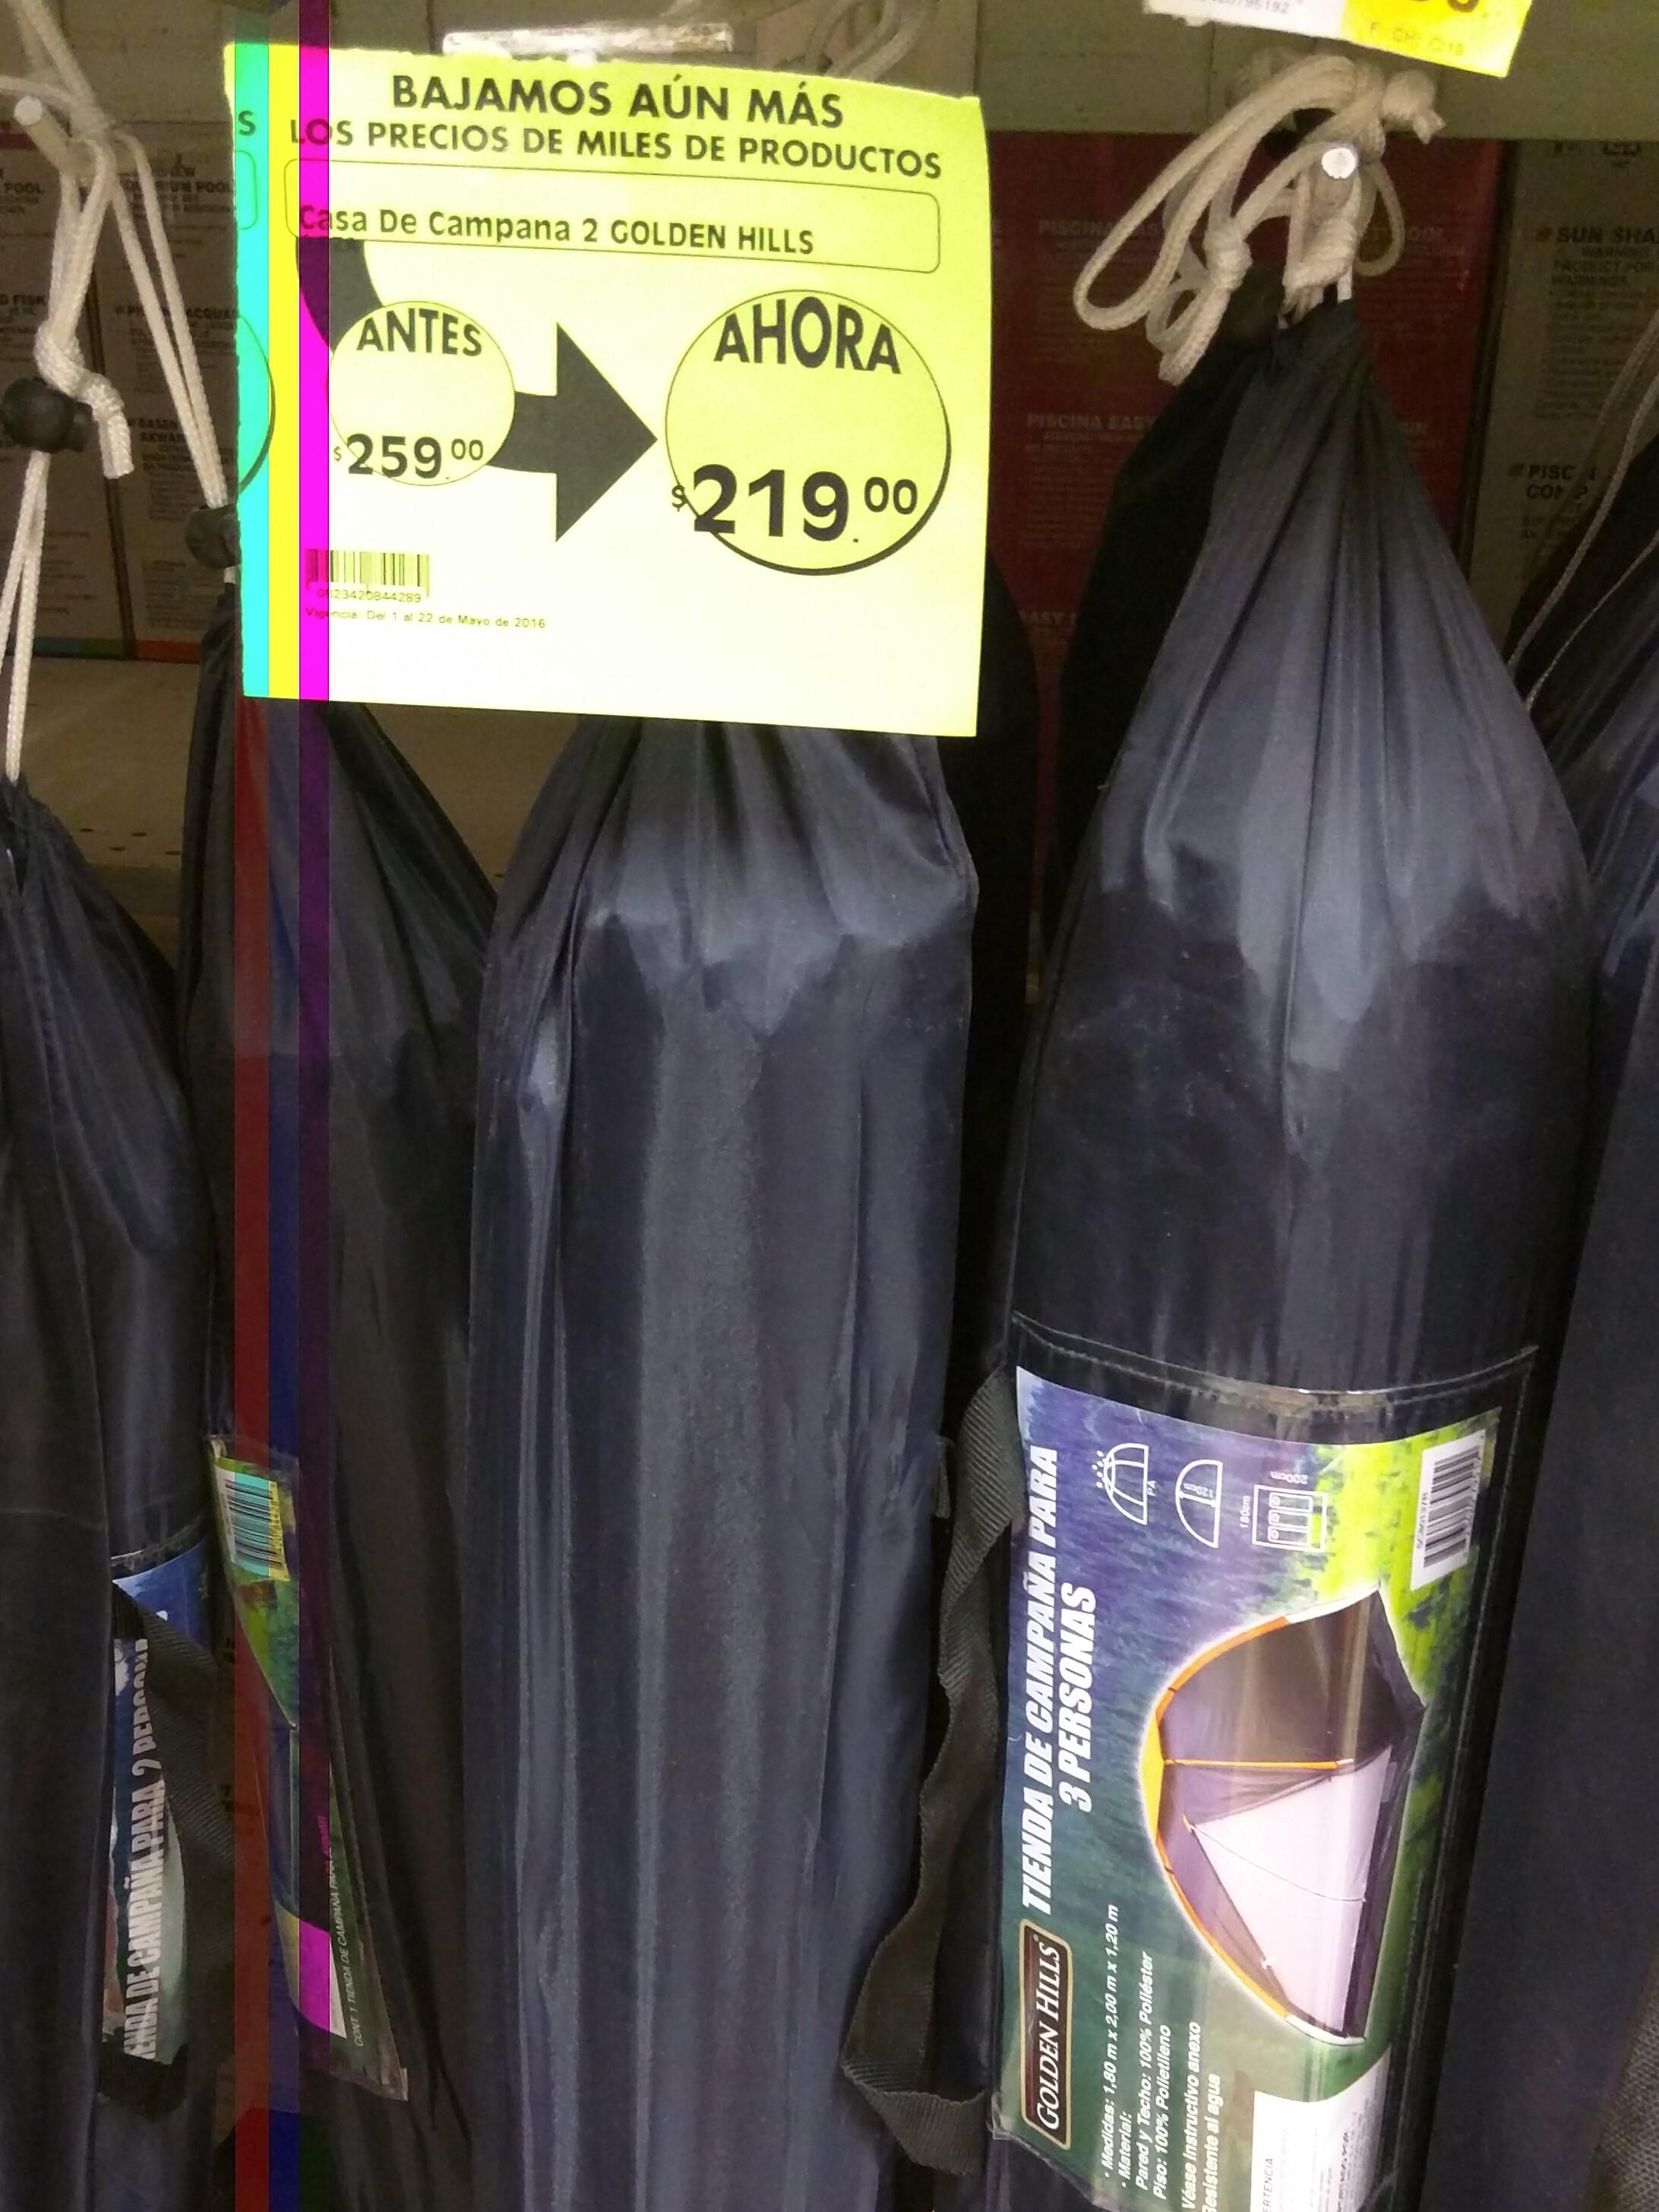 Comercial Mexicana Pilares: tienda de campaña para 2 personas a $219